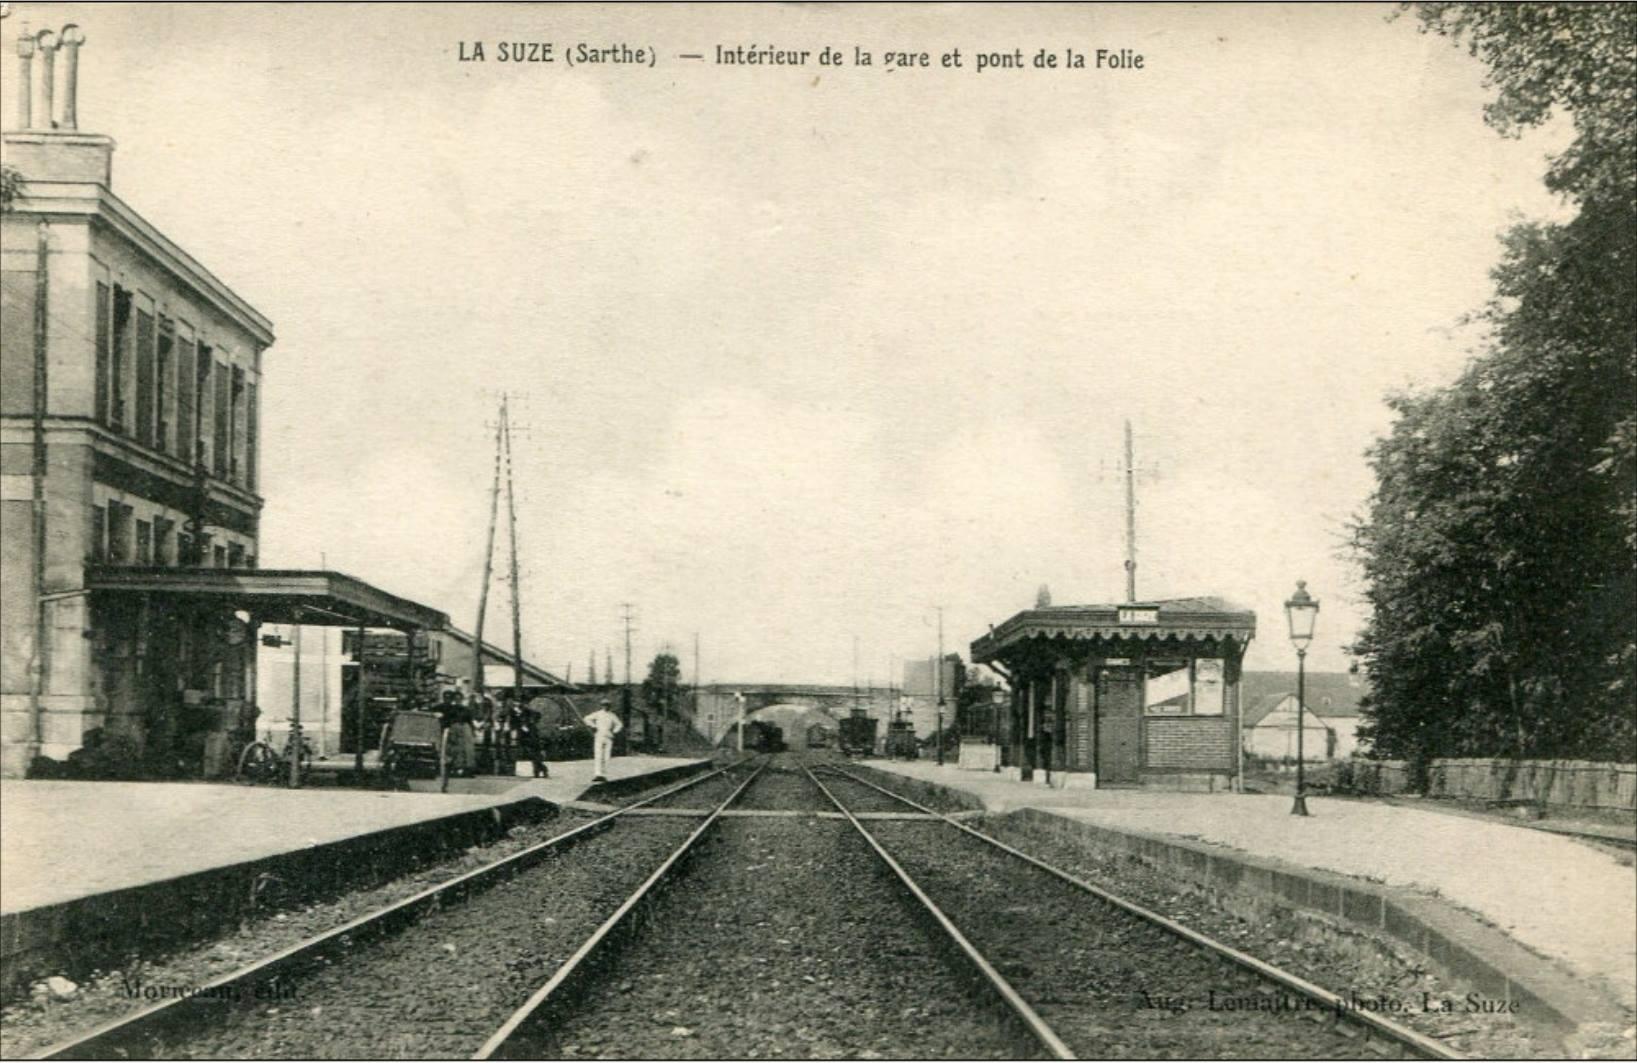 La Suze sur Sarthe - Intérieur de la gare et pont de la Folie